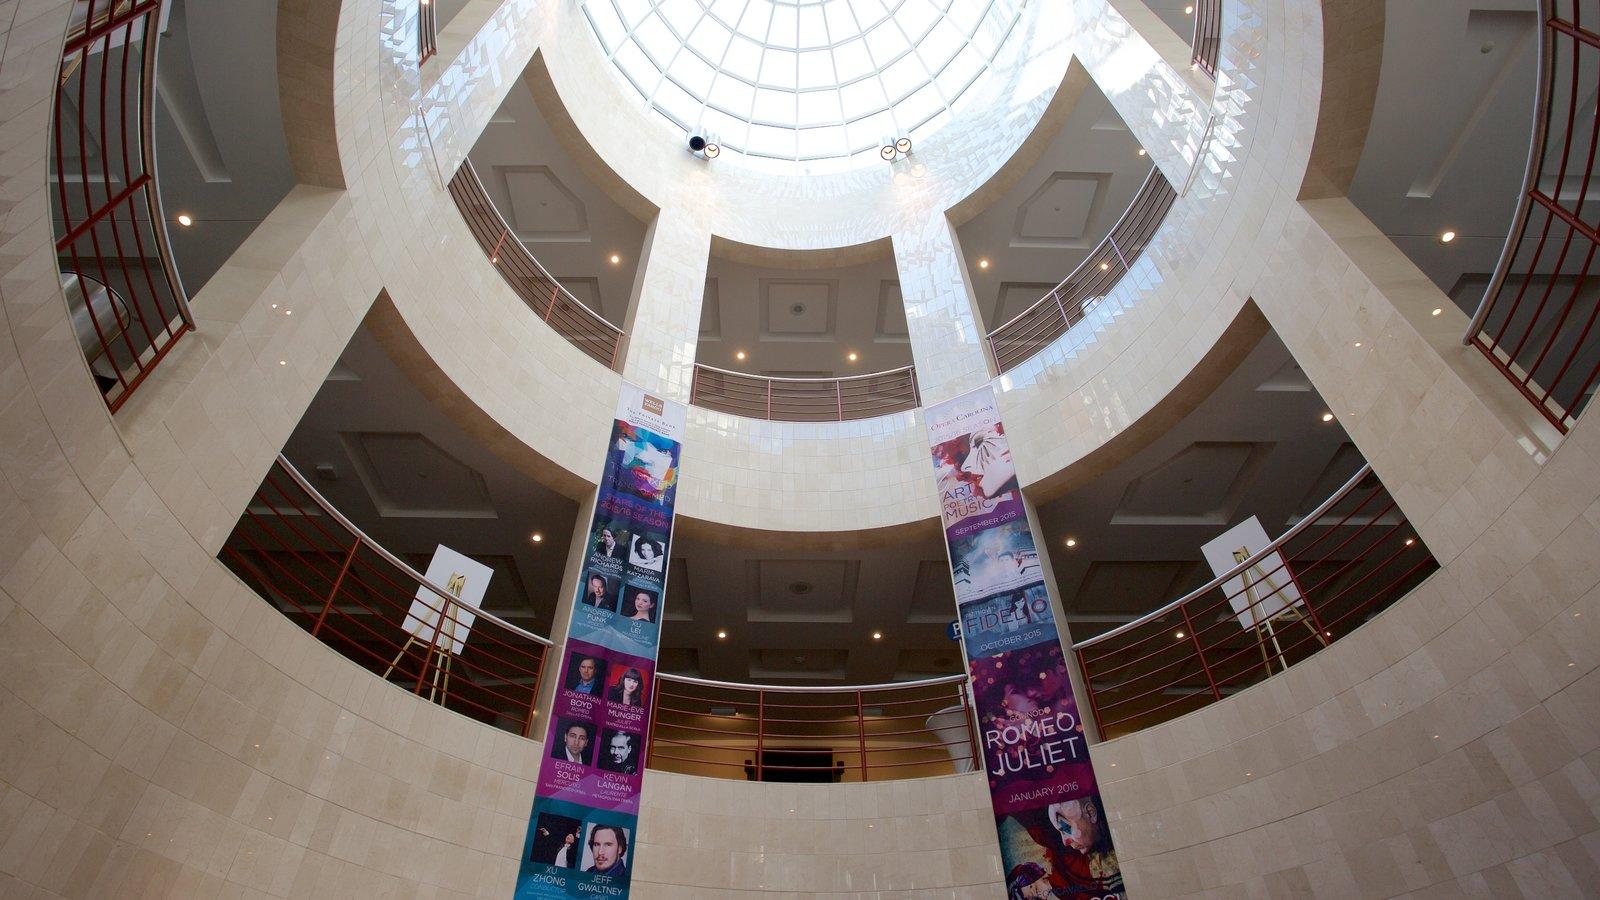 Blumenthal Performing Arts Center mostrando vistas internas e arquitetura moderna